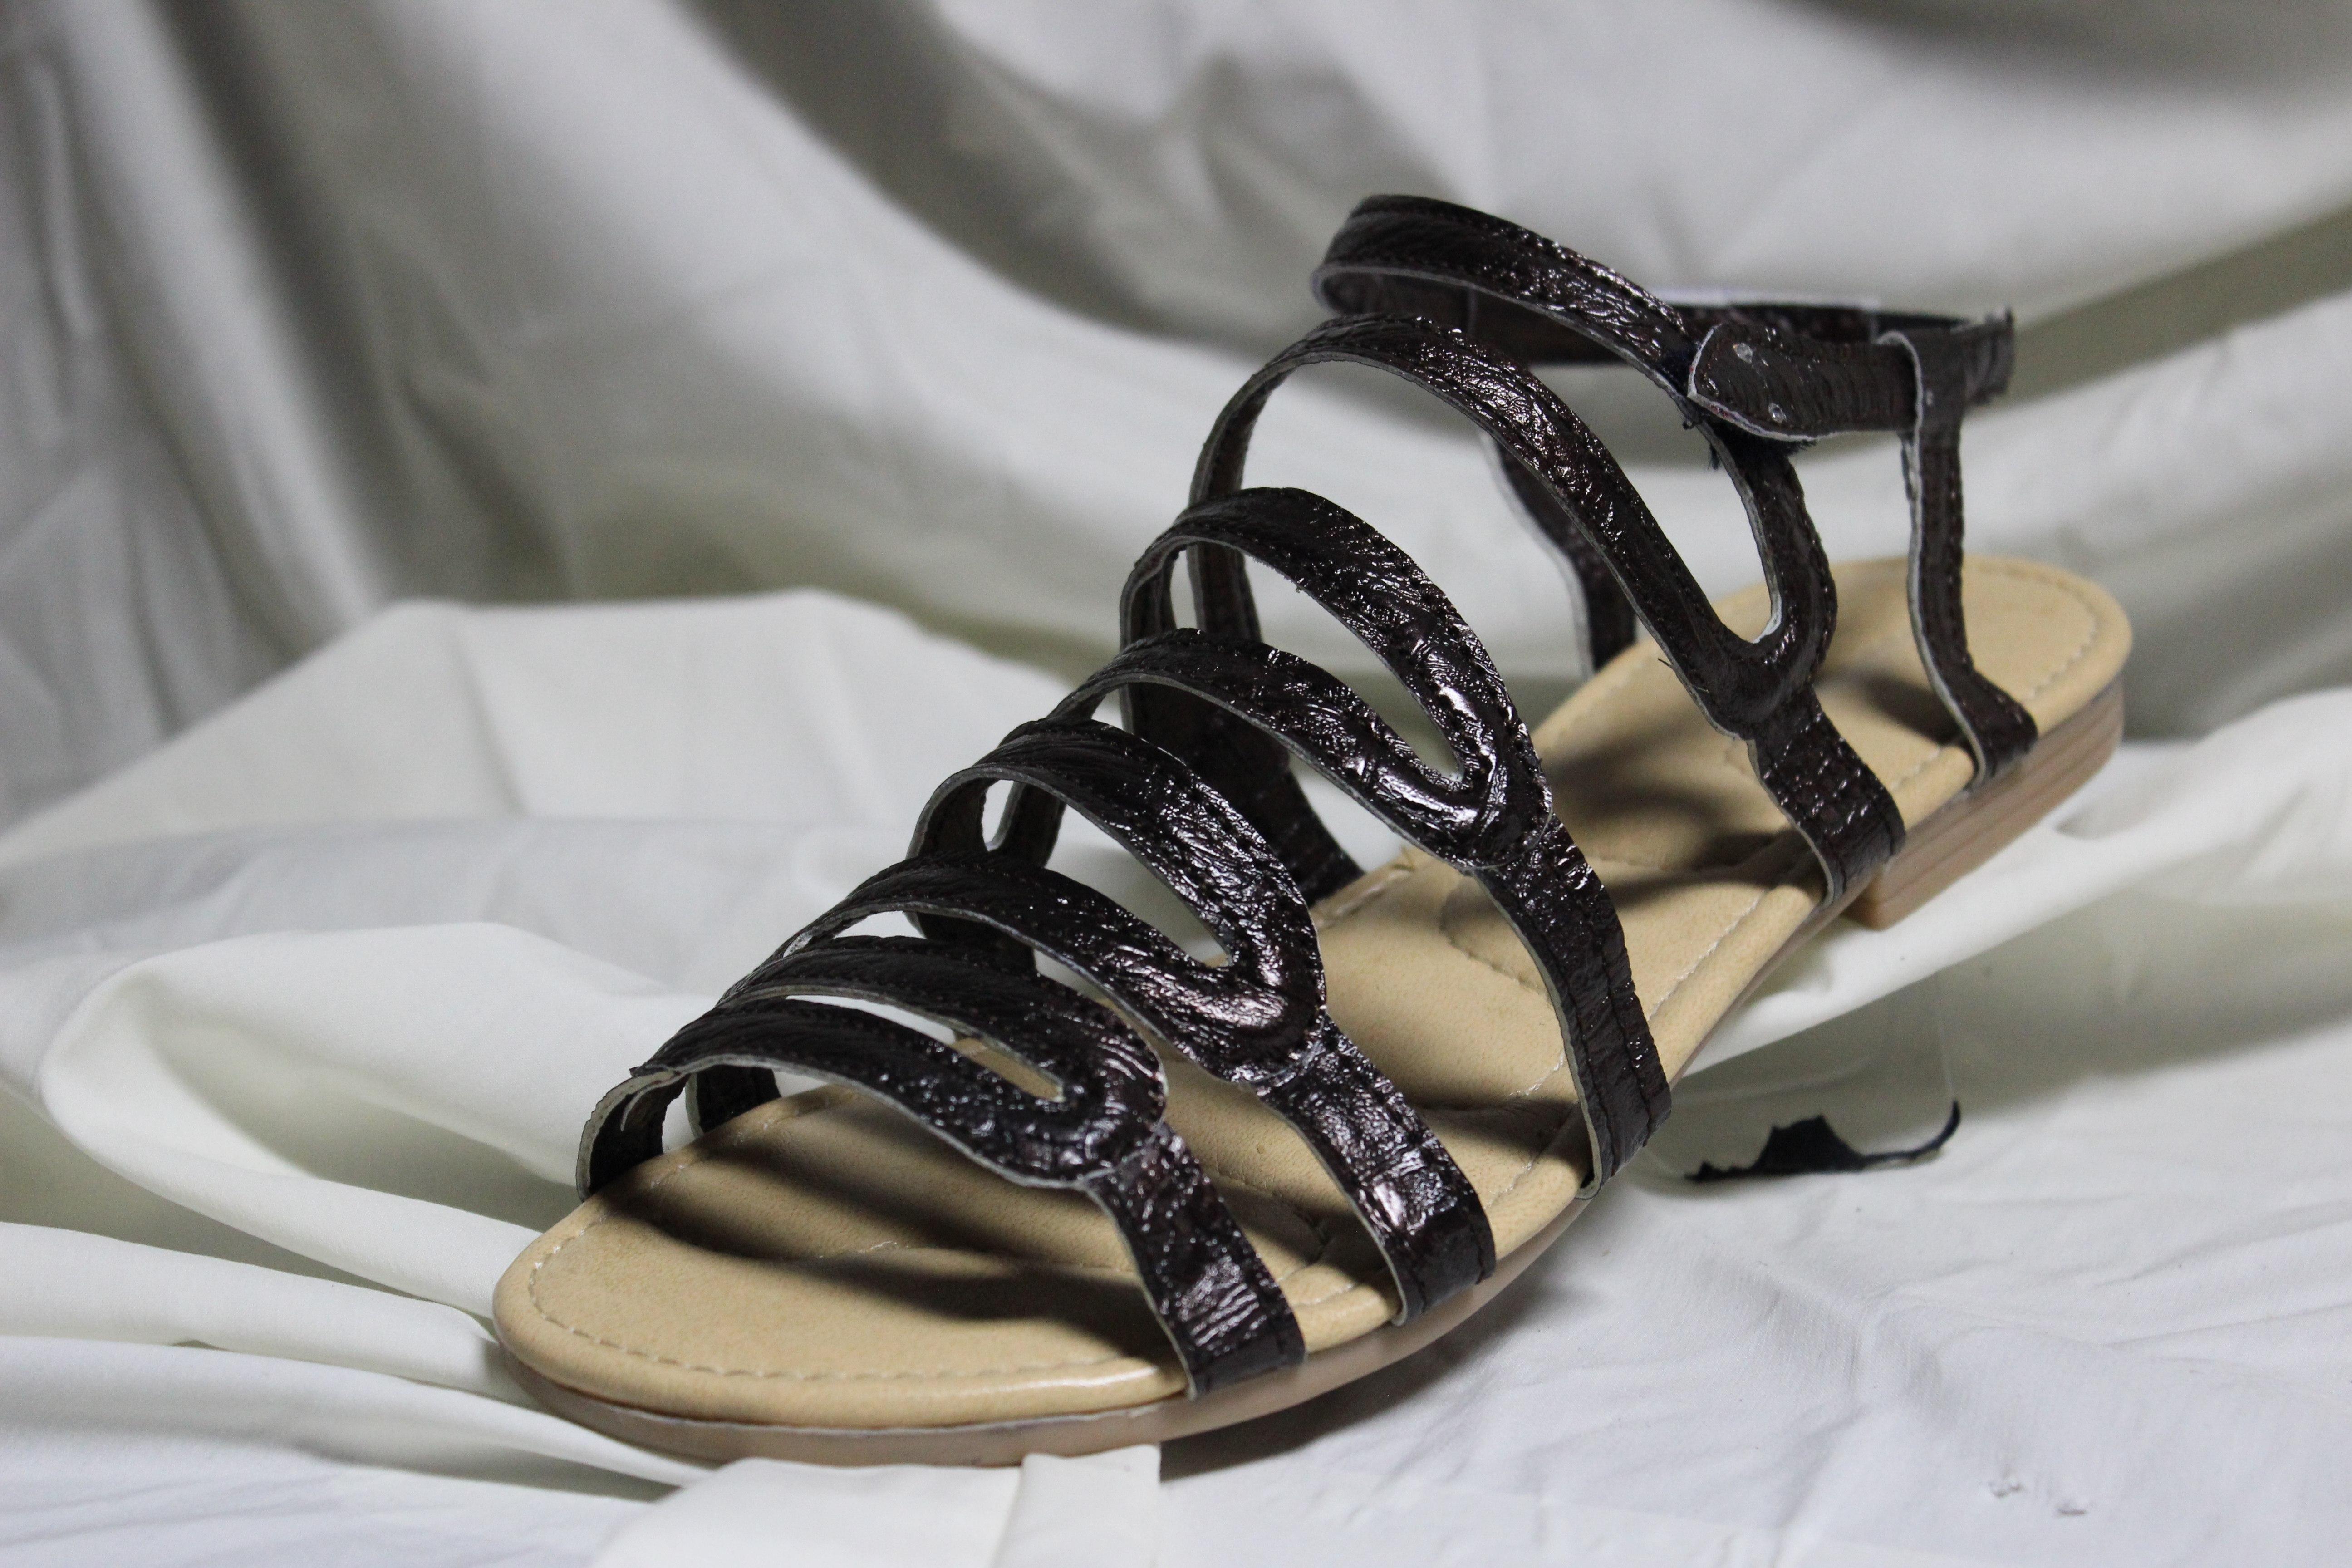 7c769cdbf3501 صندل (حذاء) - المعلومات الكاملة والبيع عبر الإنترنت مع الشحن المجاني. اطلب  وشراء الآن لأدنى سعر في أفضل متجر على الإنترنت! خصومات   كوبونات.